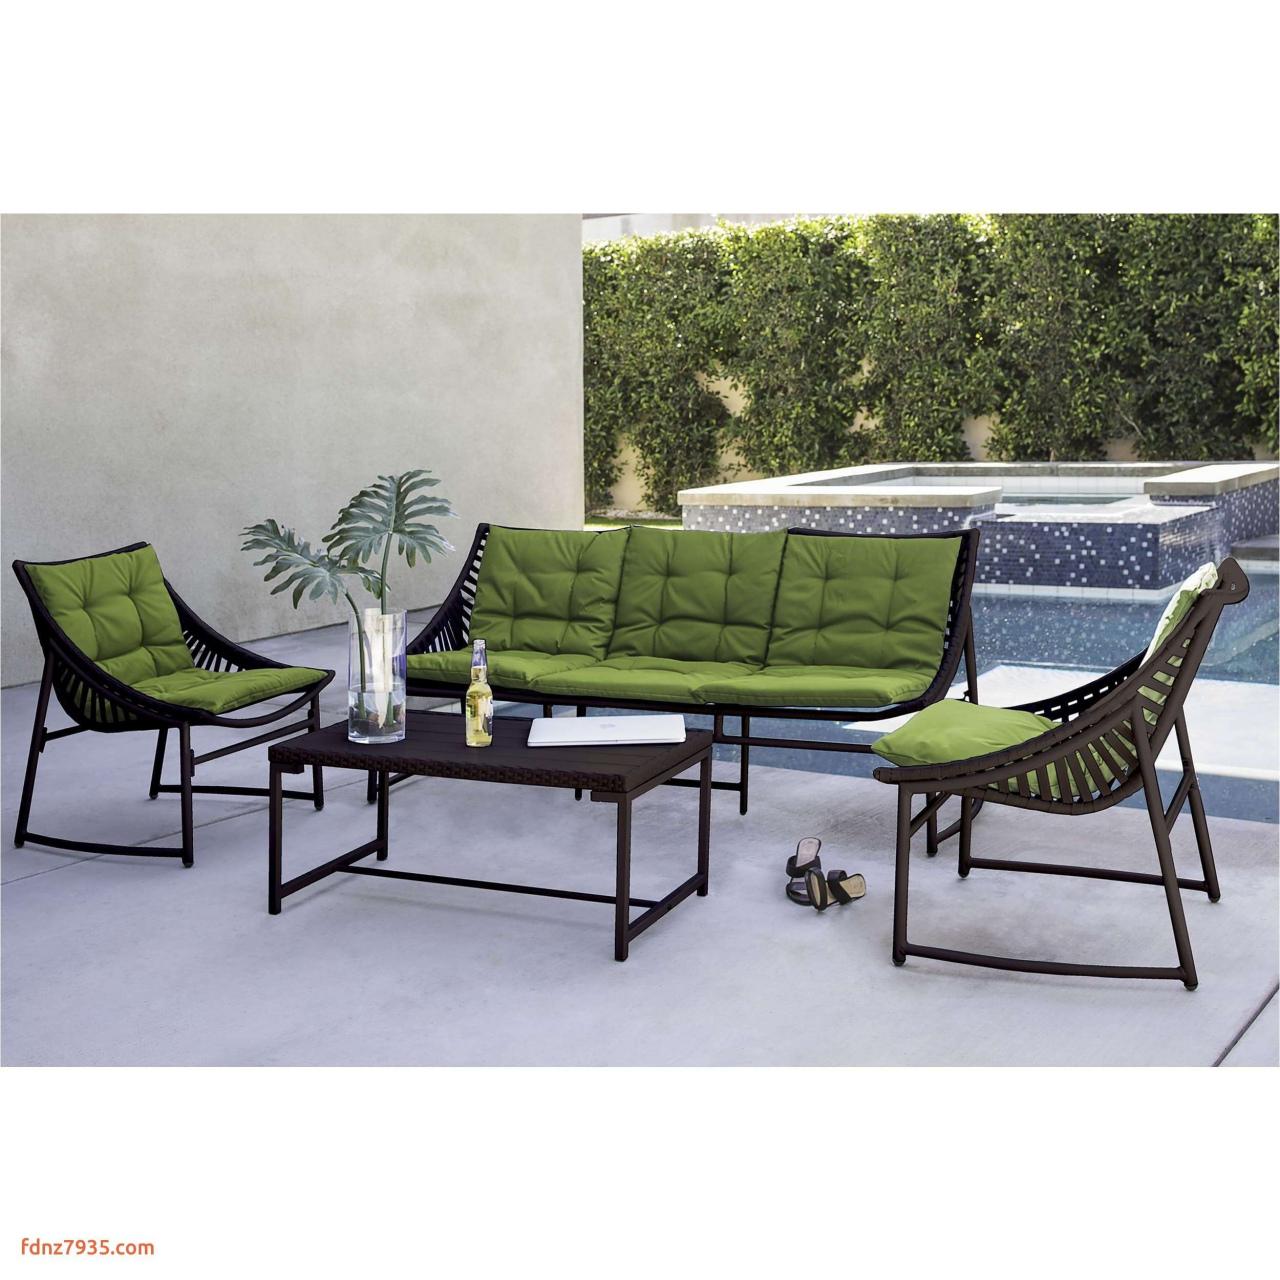 porch chairs garten couch genial garden ideas elegant wicker outdoor sofa 0d durch porch chairs